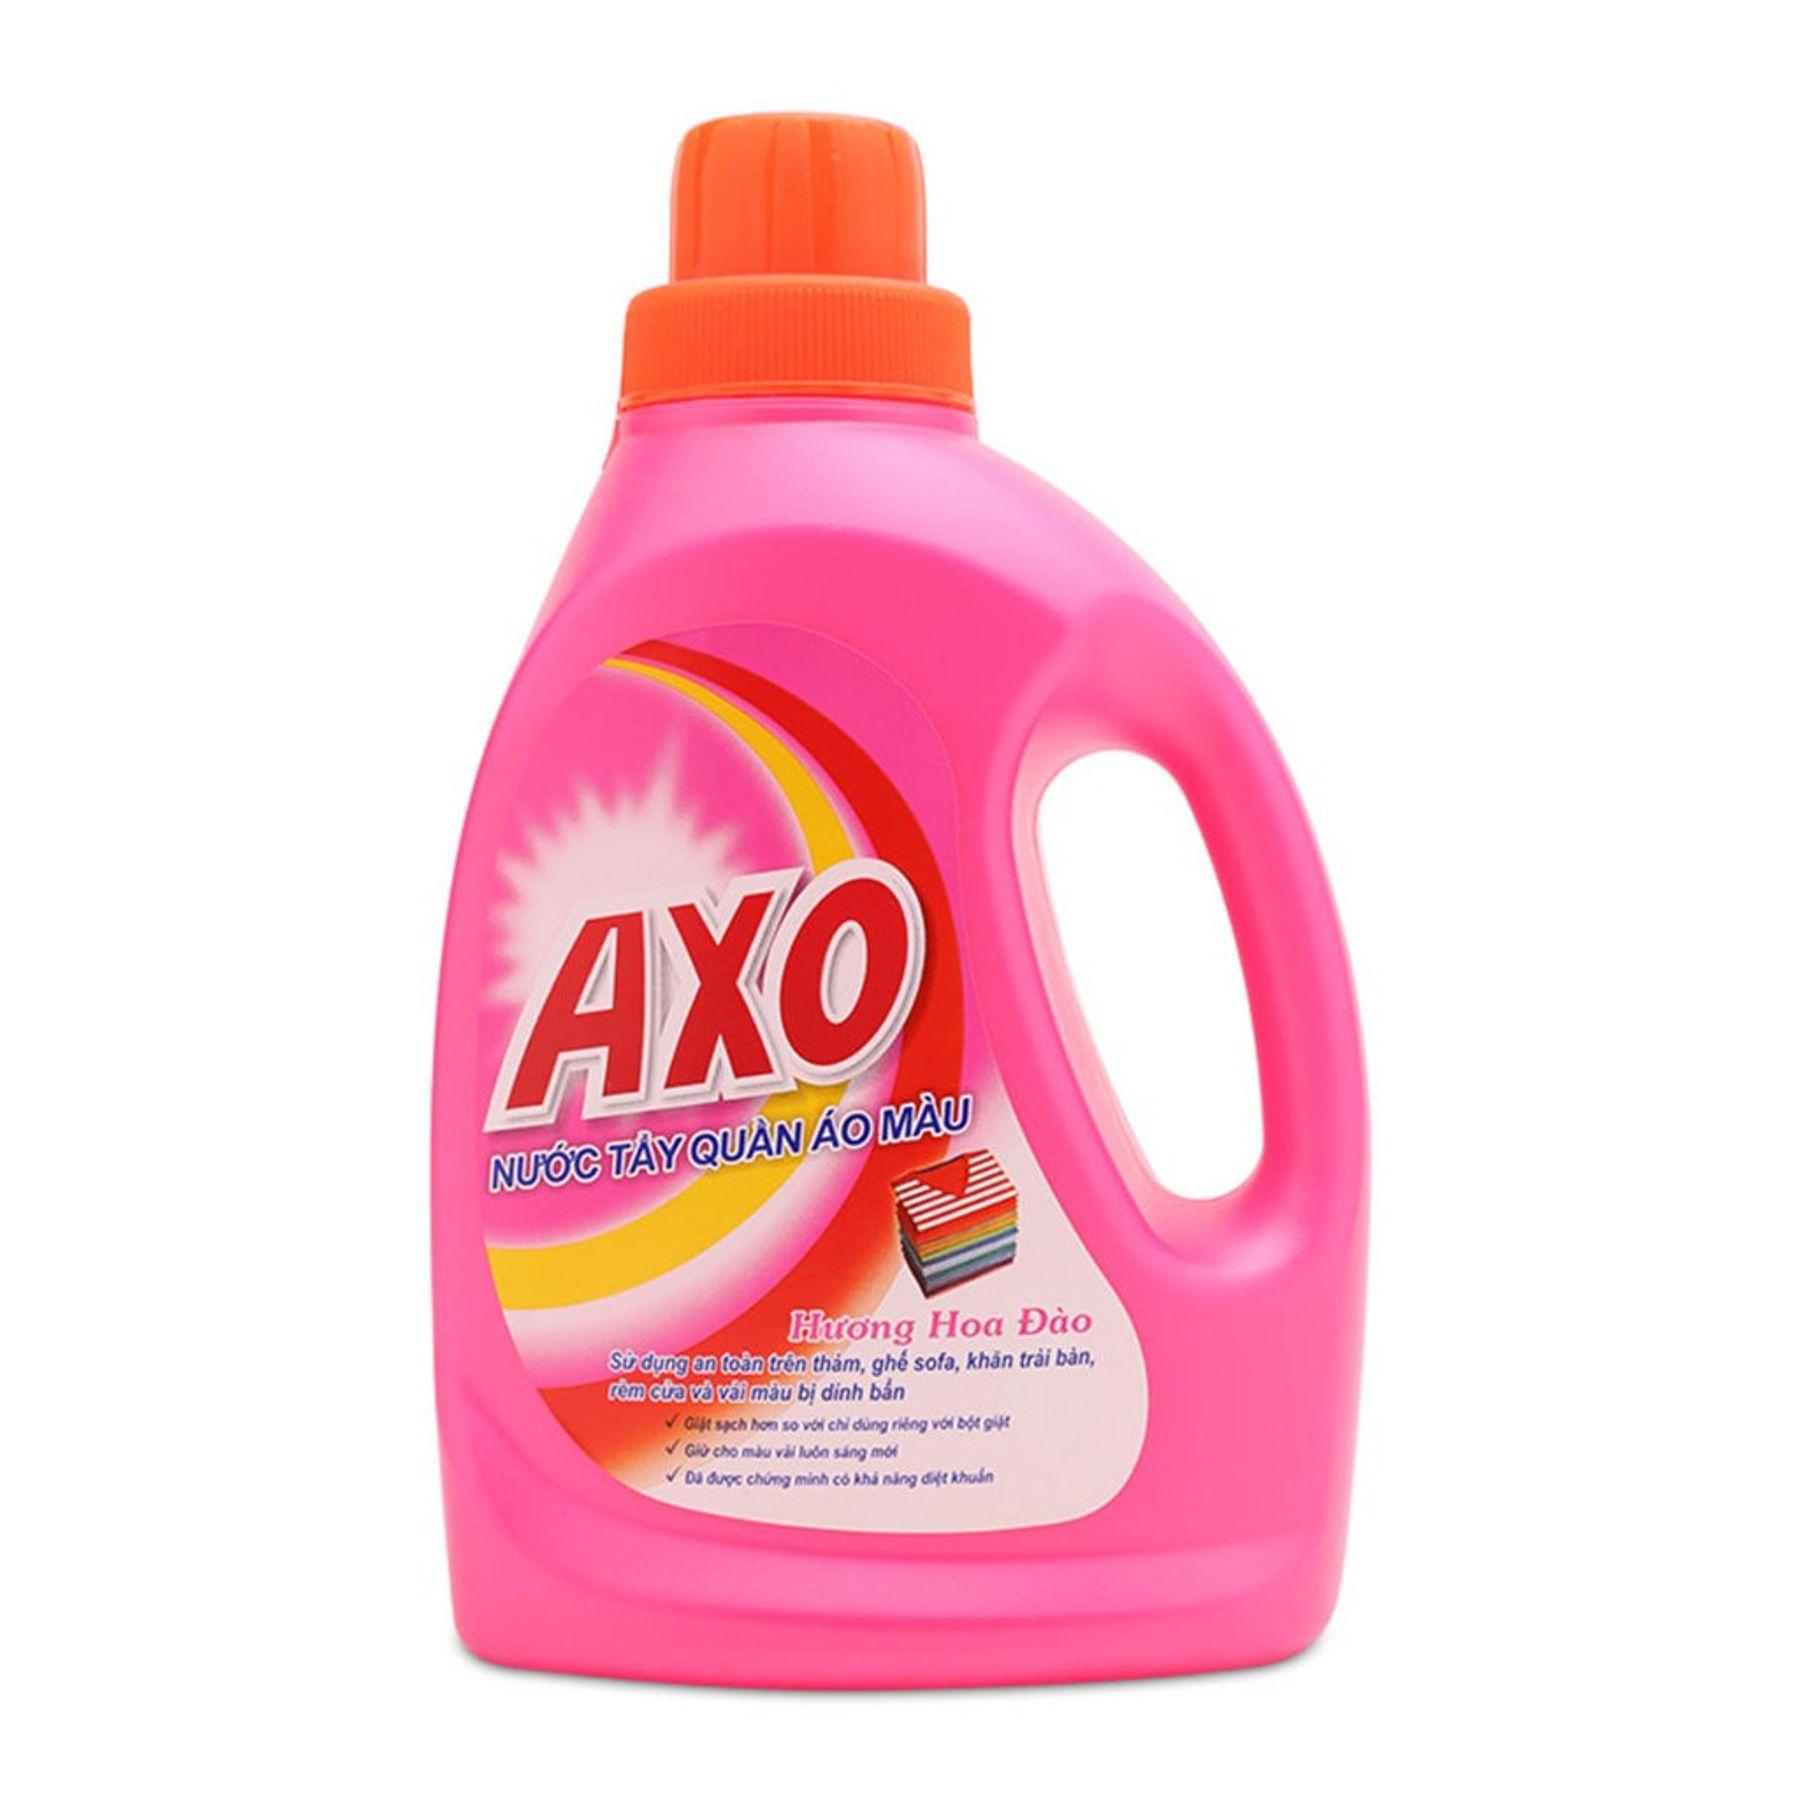 Thuốc tẩy quần áo màu AXO